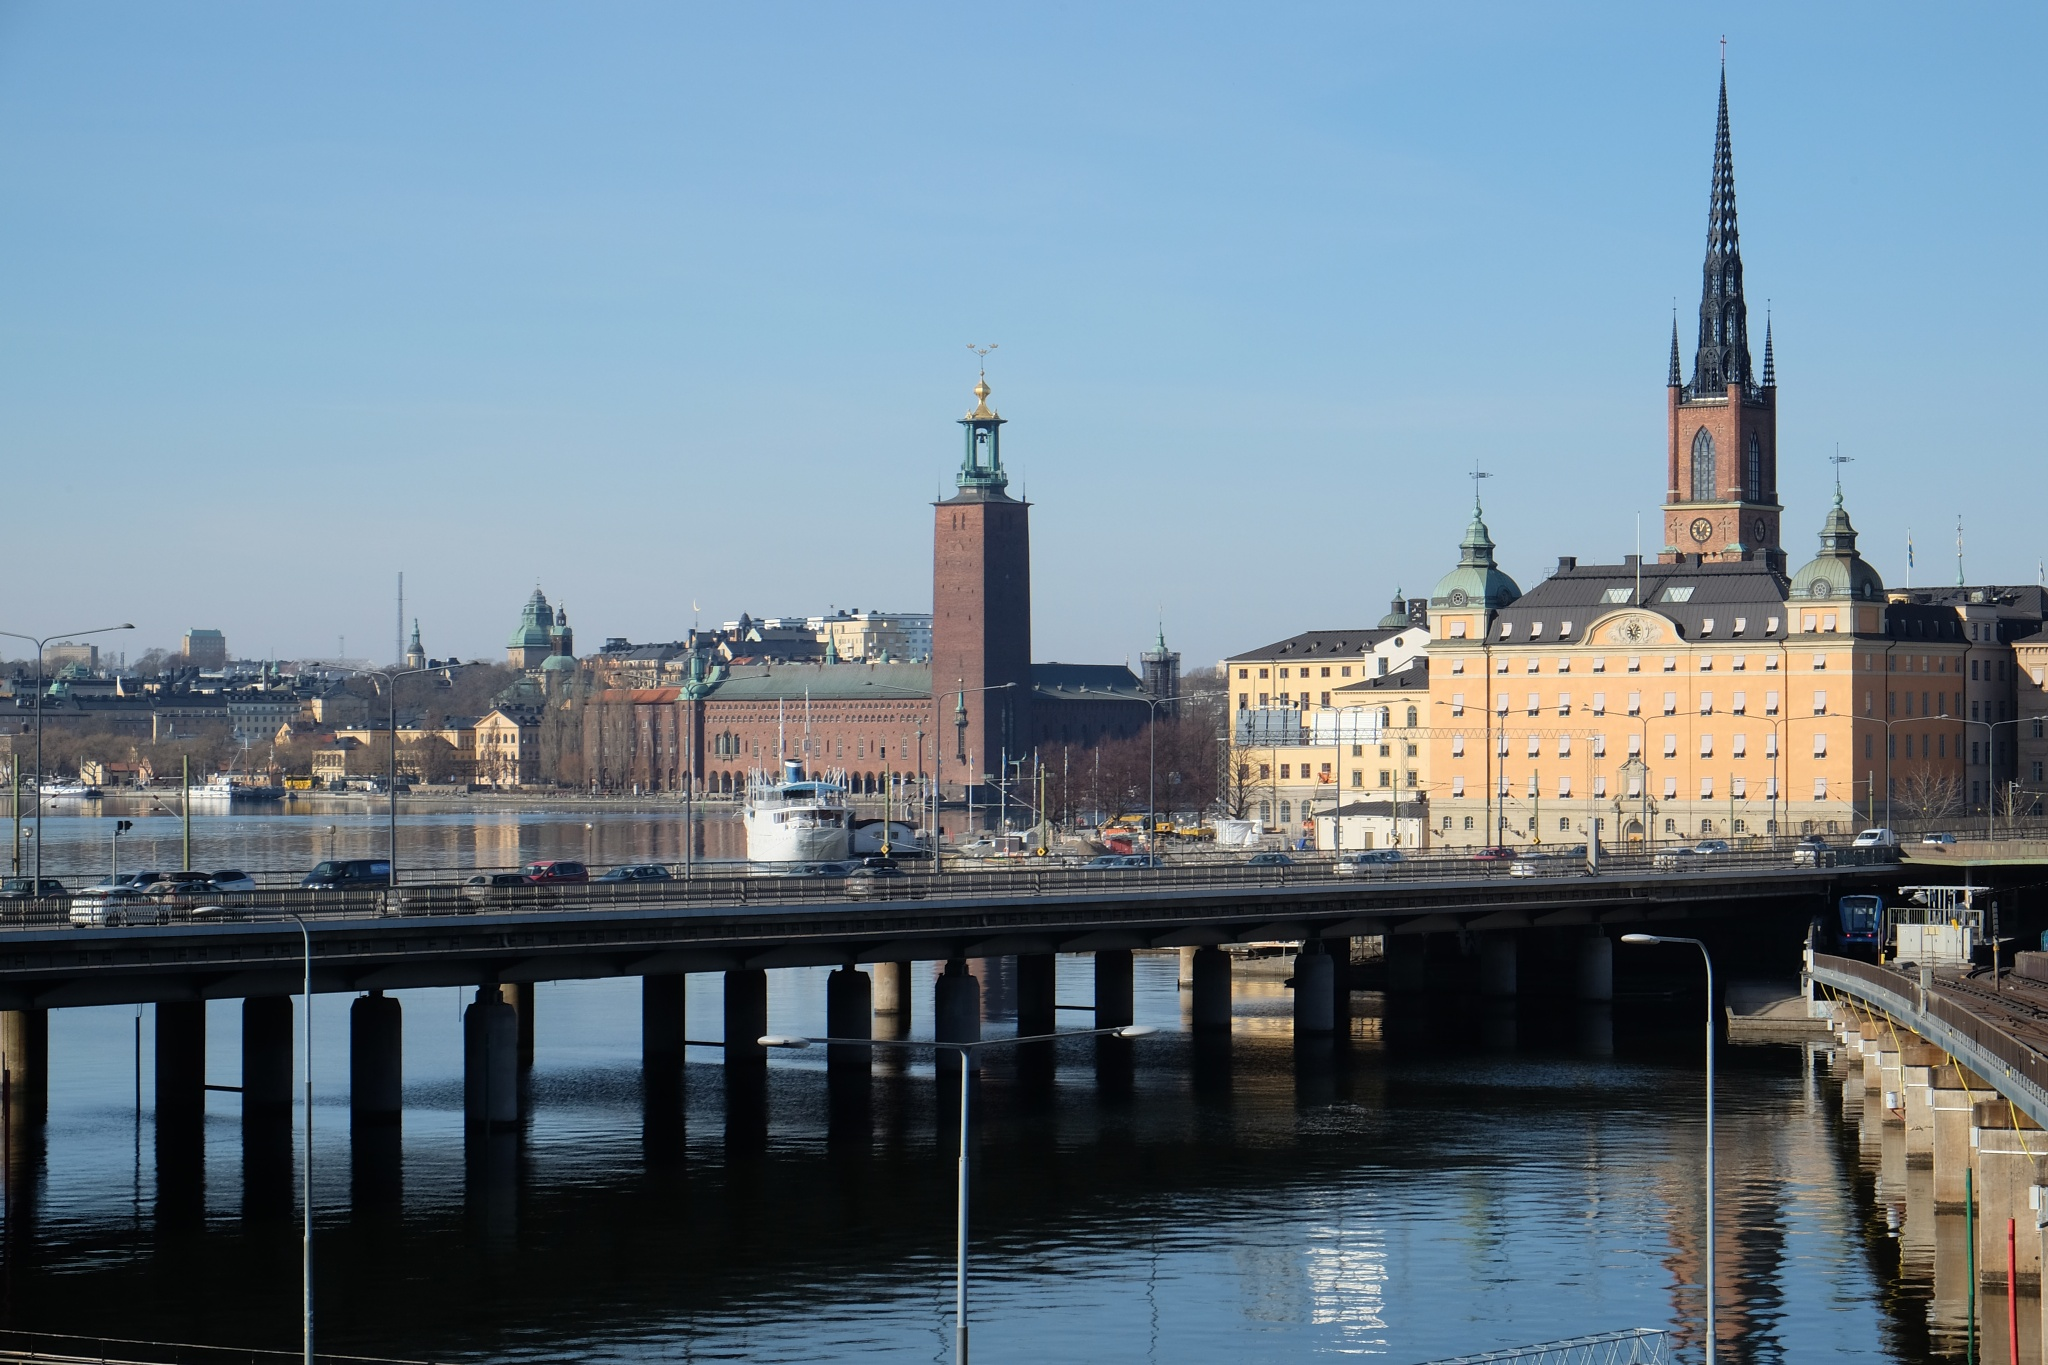 Stockholm city by Christer Lindblad